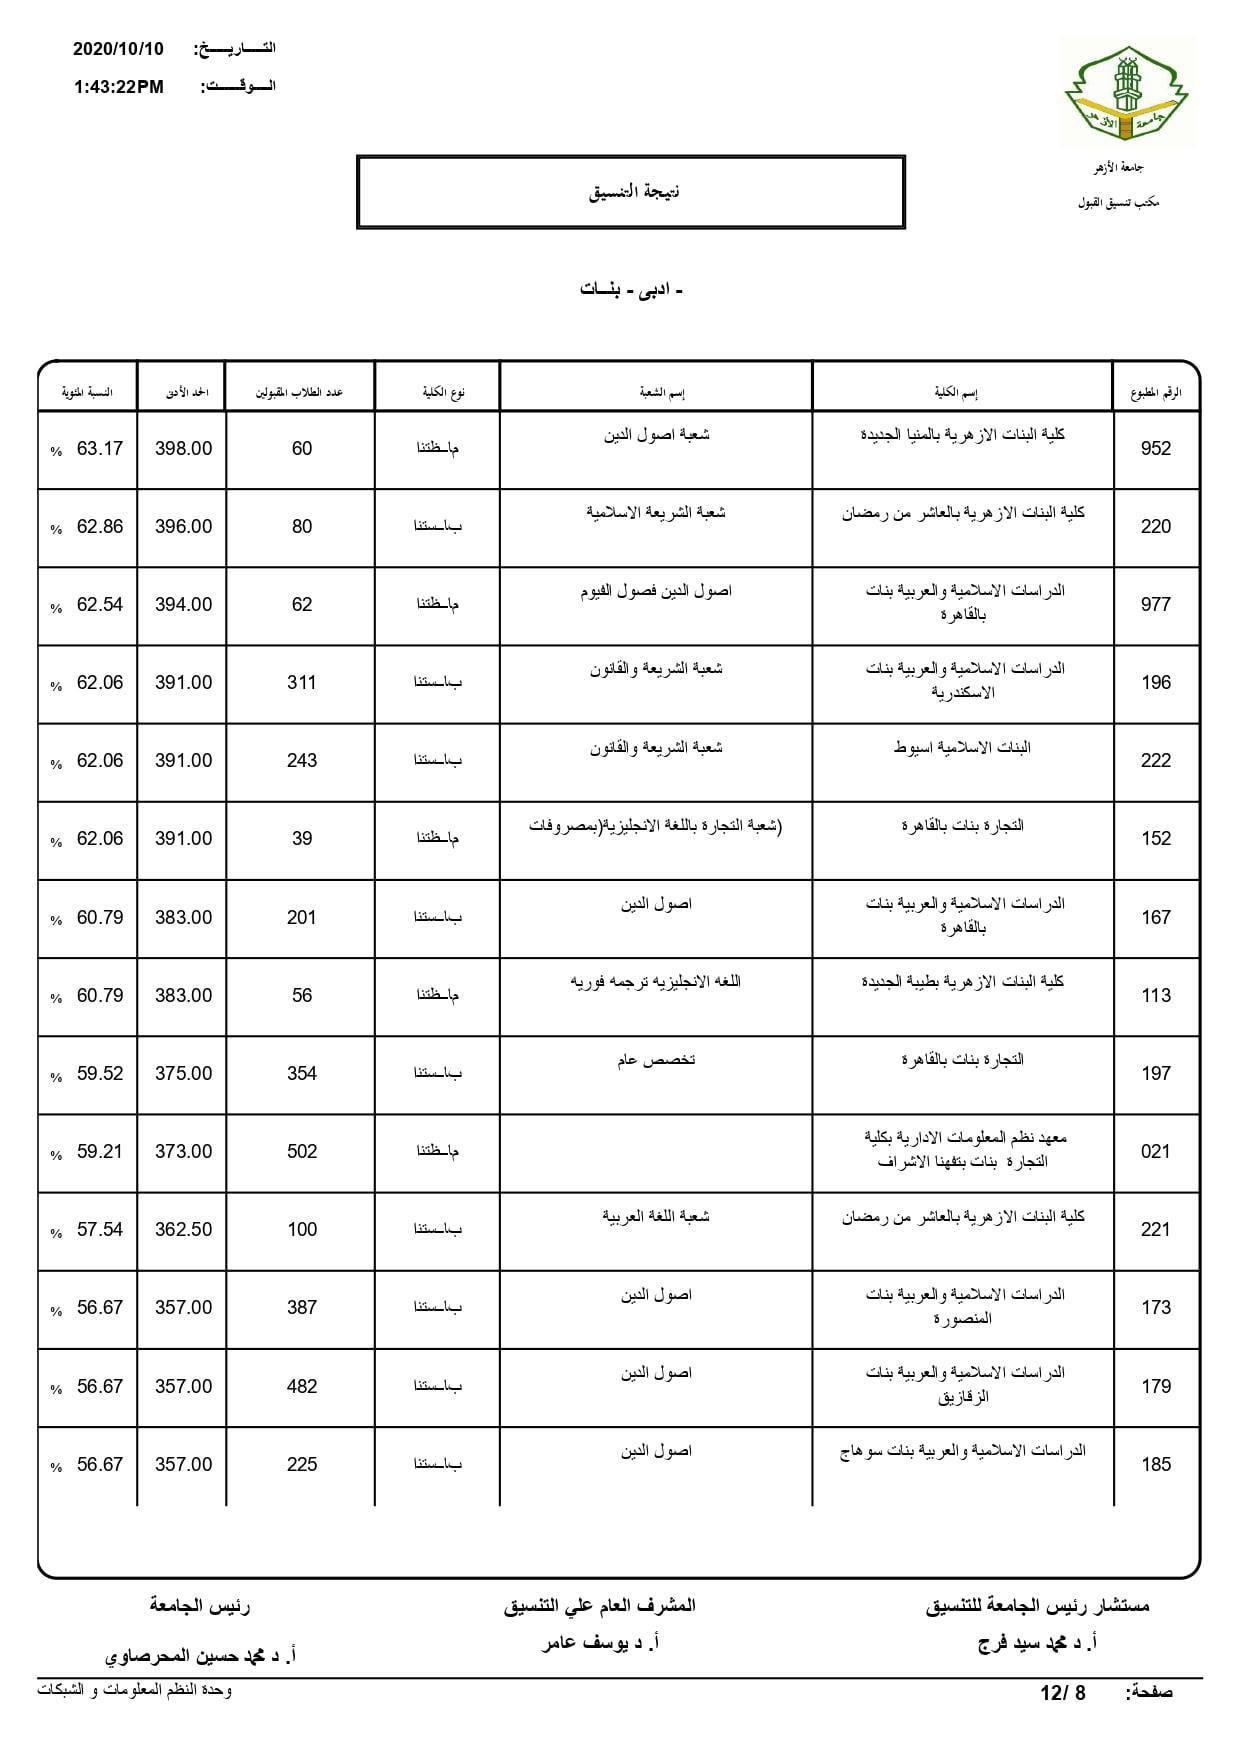 نتيجة تنسيق كليات جامعة الأزهر لعام 2020 بالكامل 20201010202641552